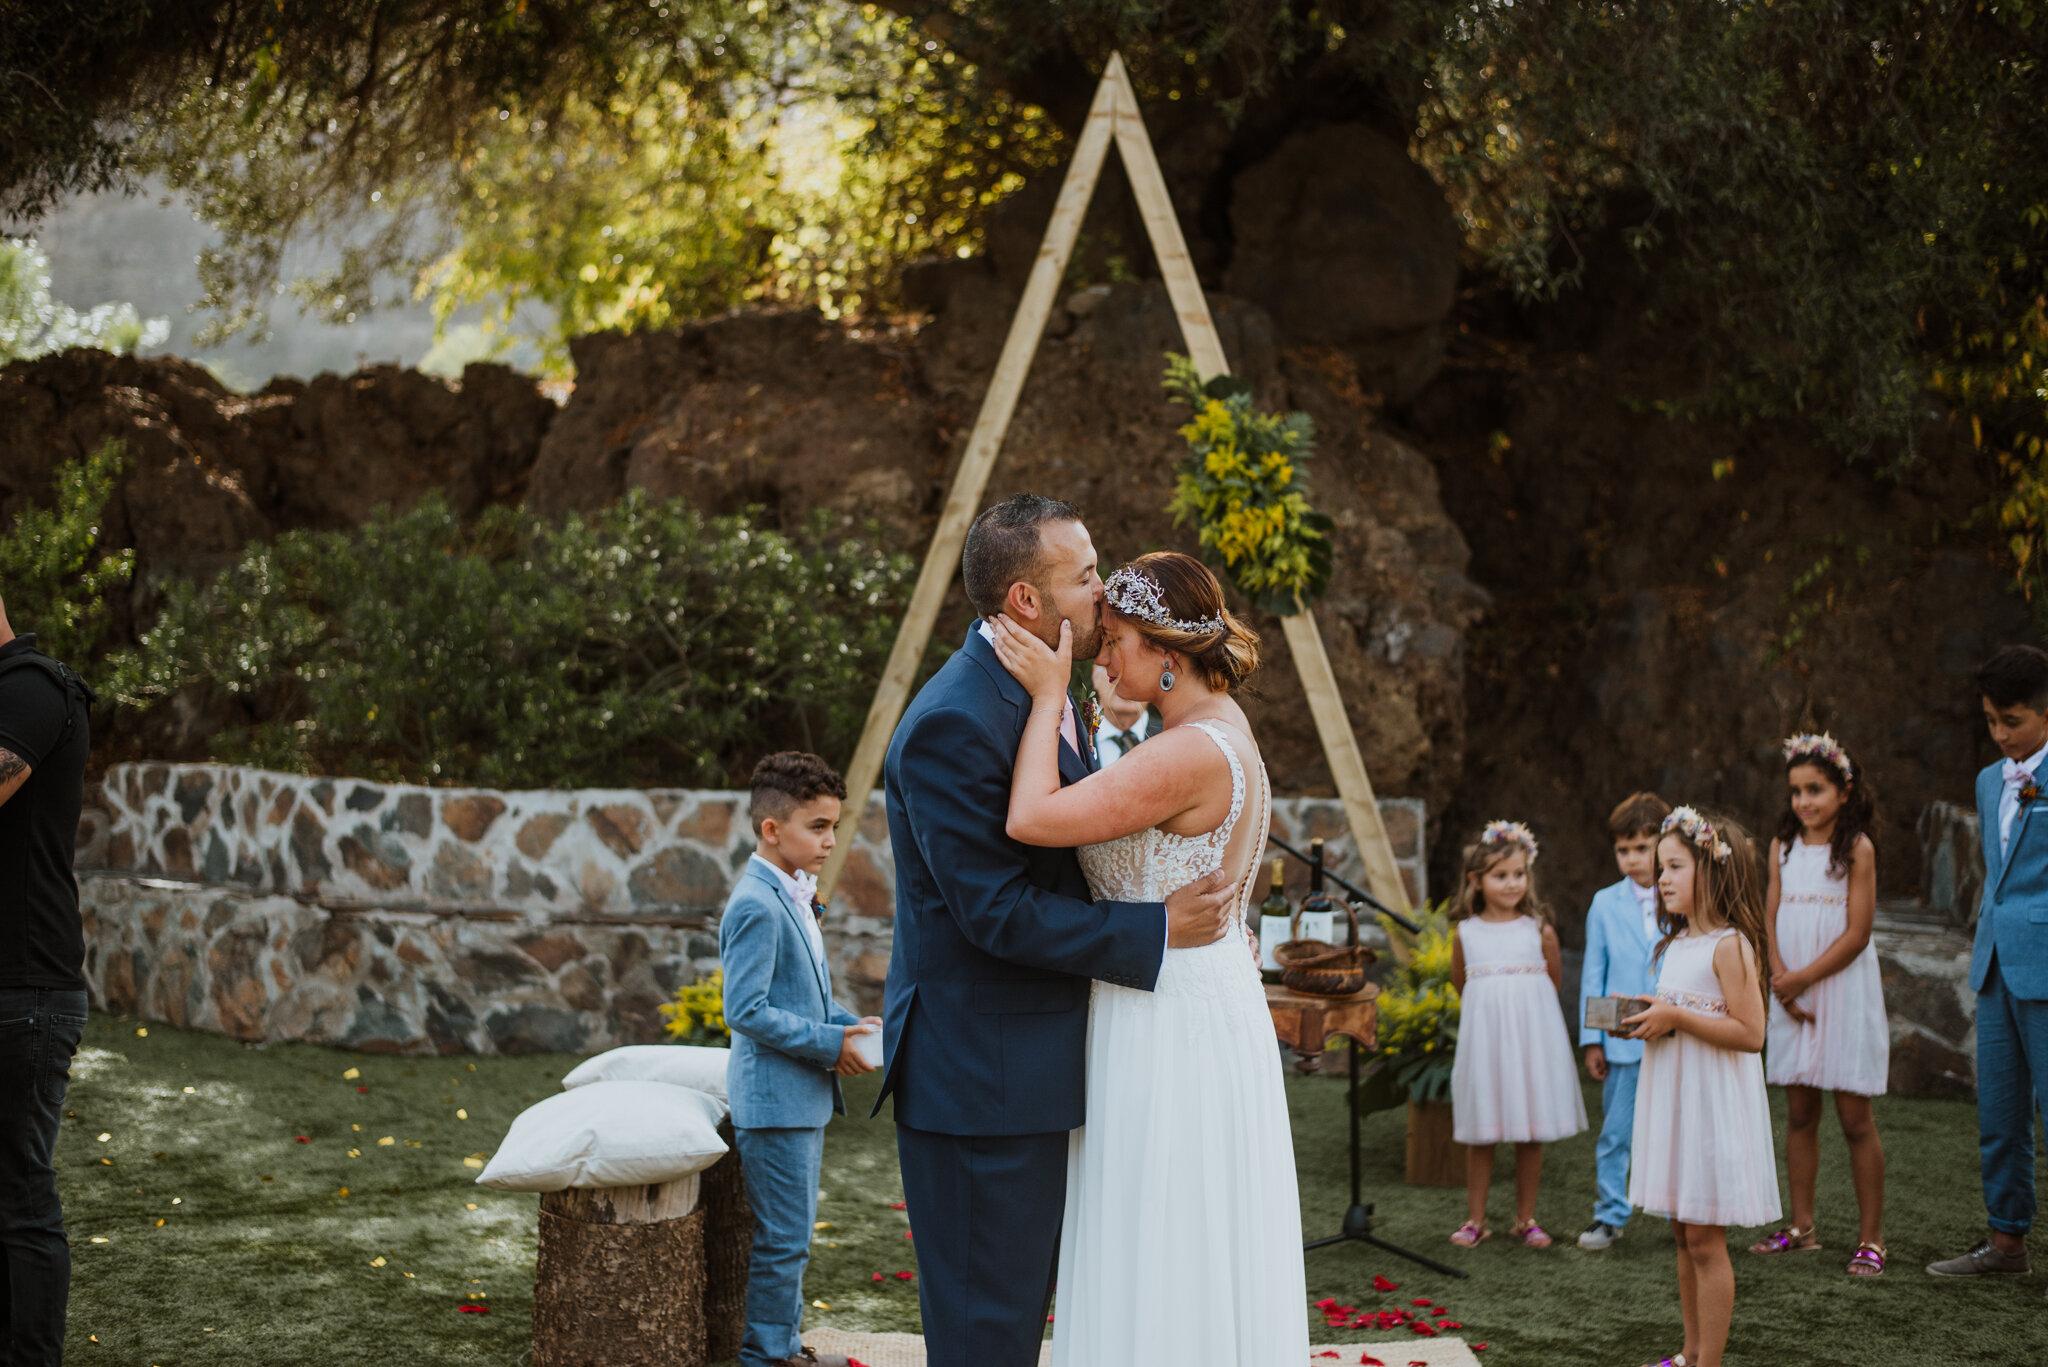 fotografo de bodas las palmas_-45.jpg